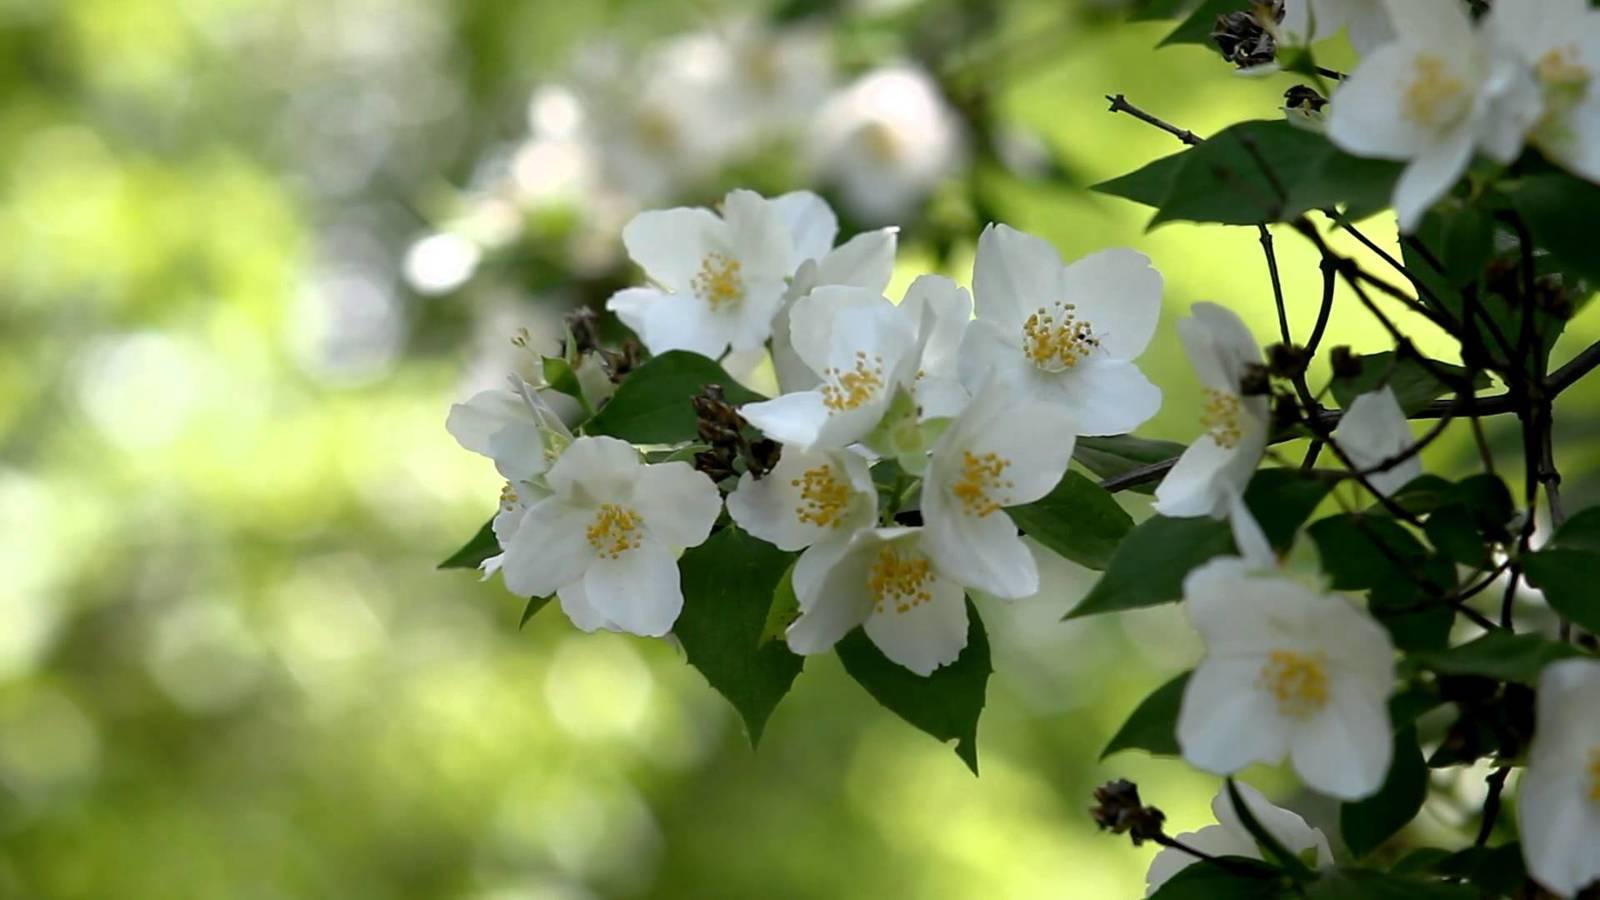 jasmine-flower-wallpaper10.jpg